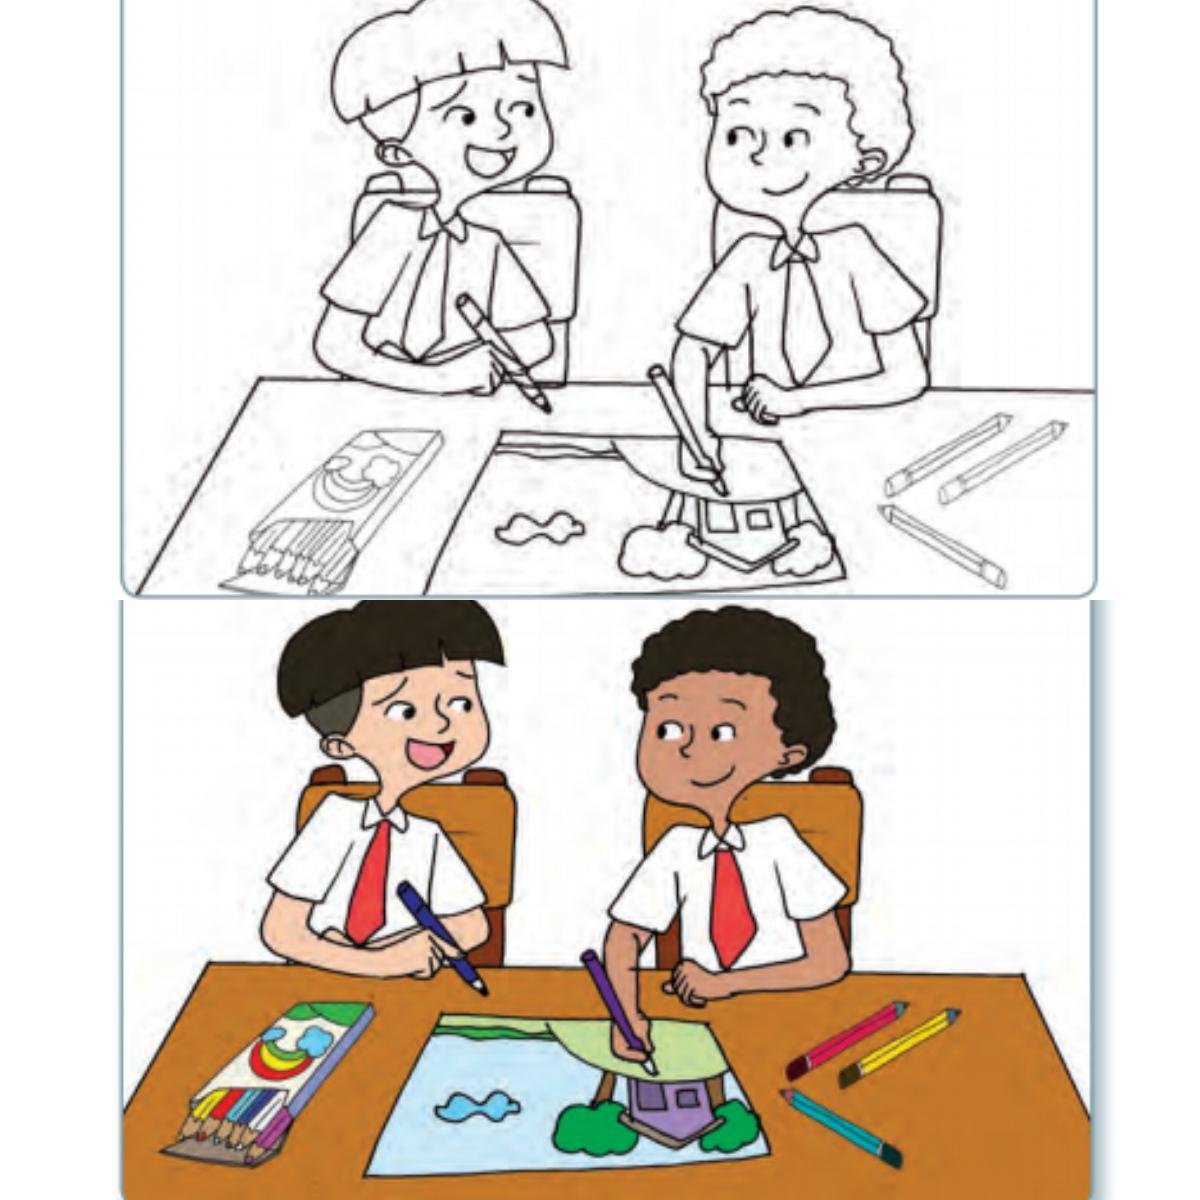 Kunci Jawaban Tema 8 Kelas 5 Sd Halaman 132 134 135 Subtema 3 Pembelajaran 6 Tahap Mewarnai Gambar Halaman All Tribunnews Com Mobile